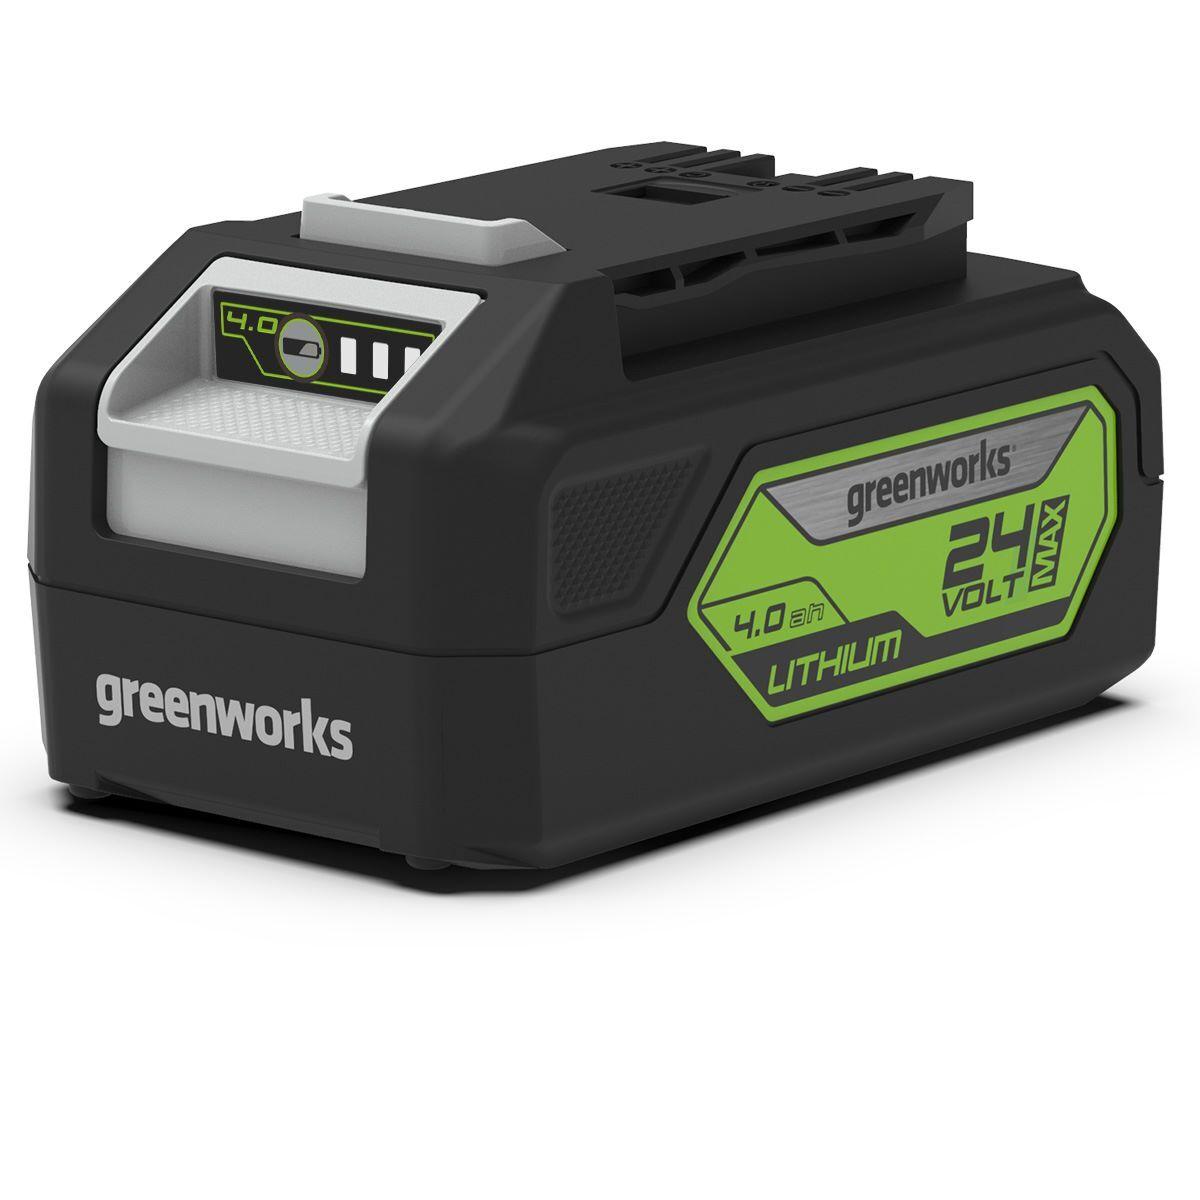 GREENWORKS Batterie GREENWORKS 4Ah G-24 Lithium 24V (sans chargeur) -